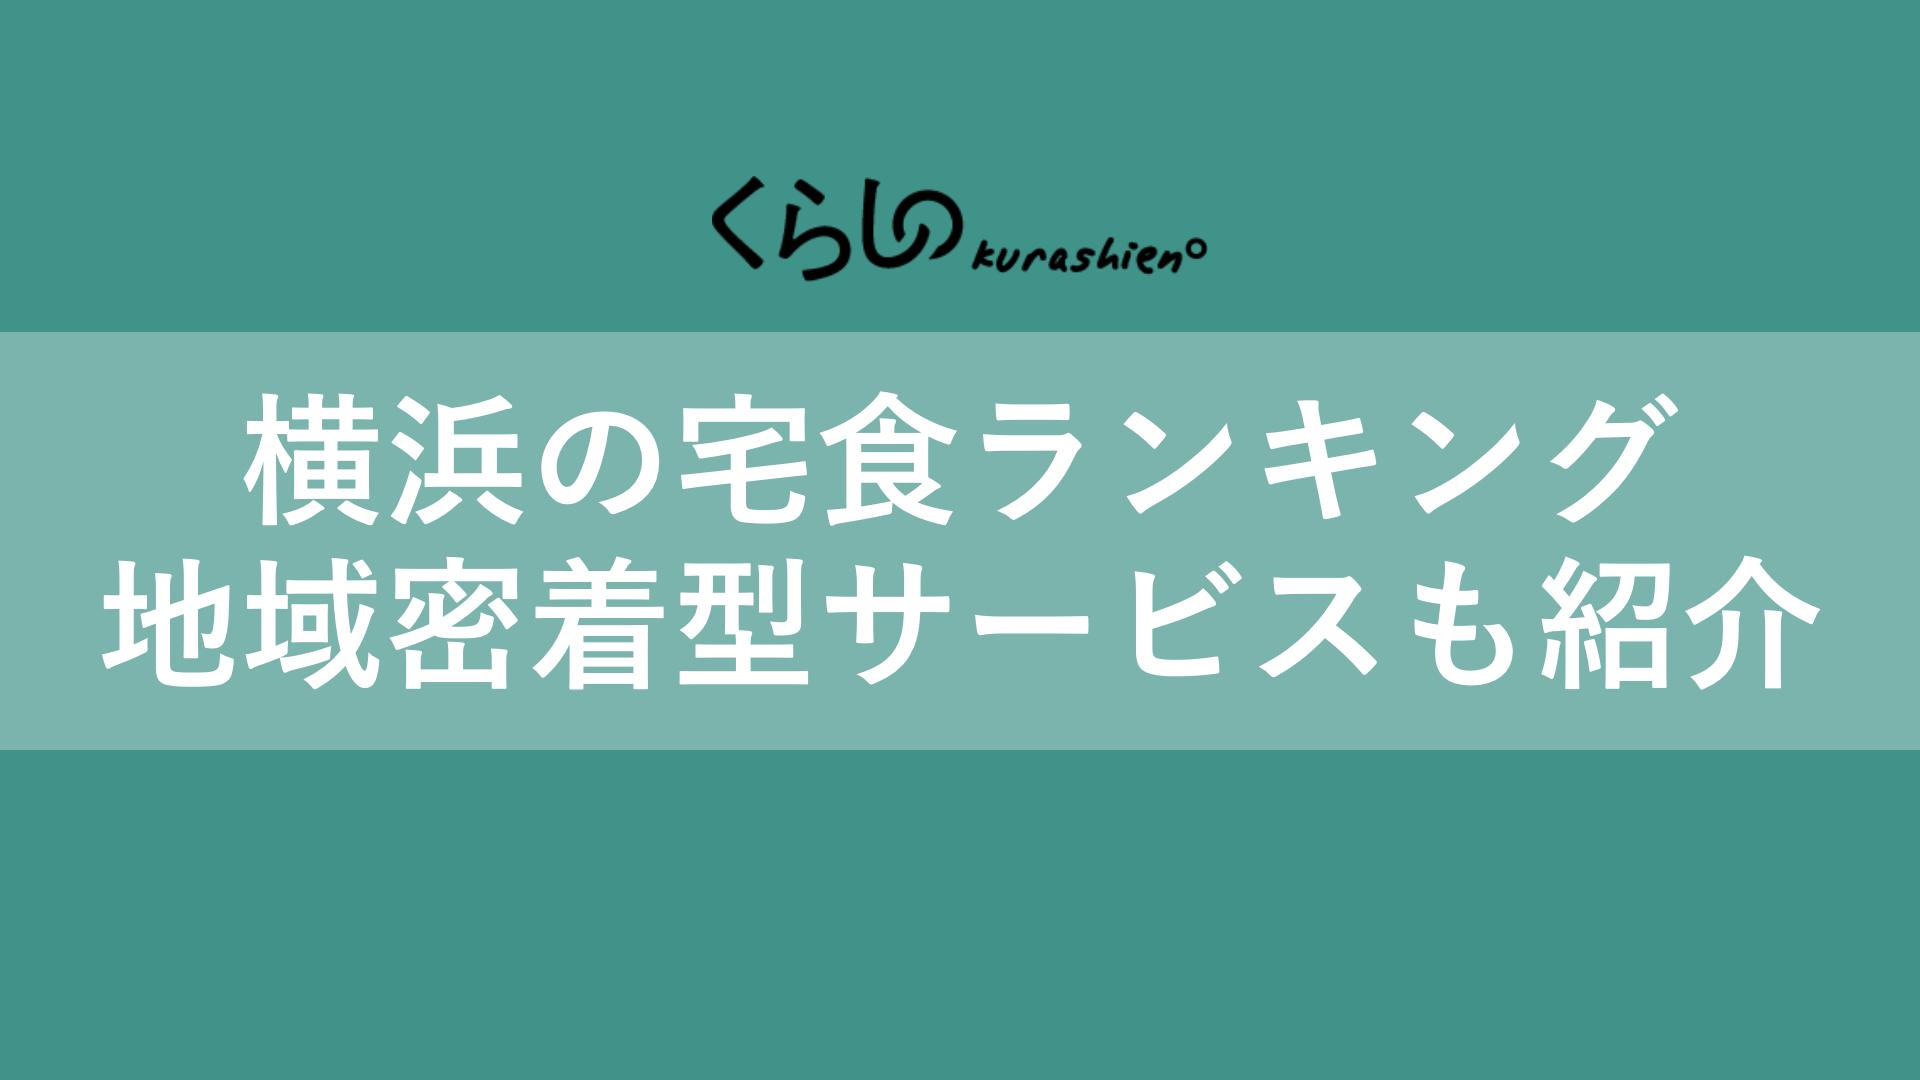 横浜の宅食サービス・宅配弁当おすすめランキング!地域密着型サービスも紹介